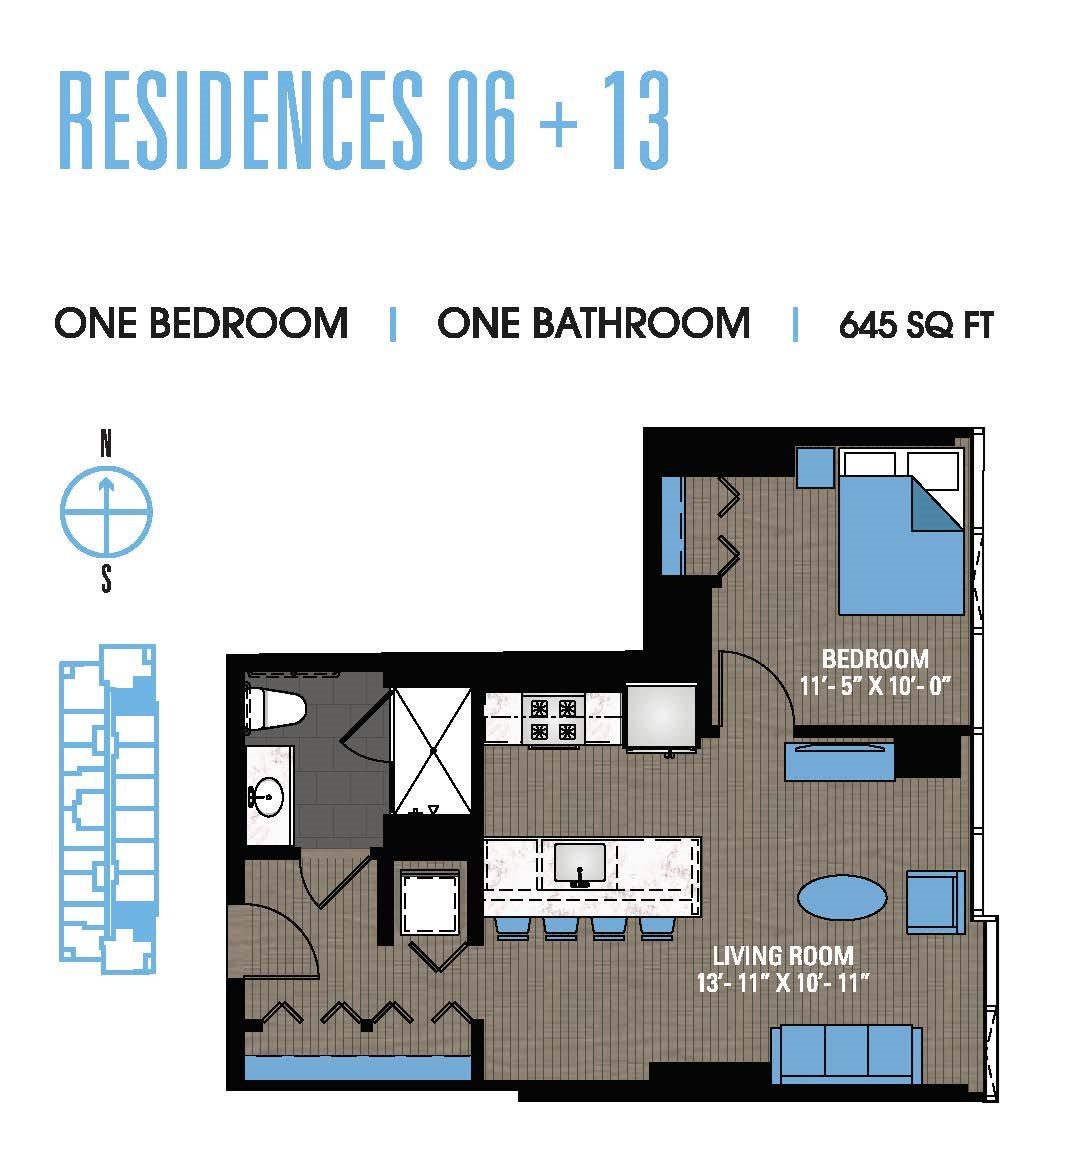 One Bedroom 06+13 Floor Plan 6